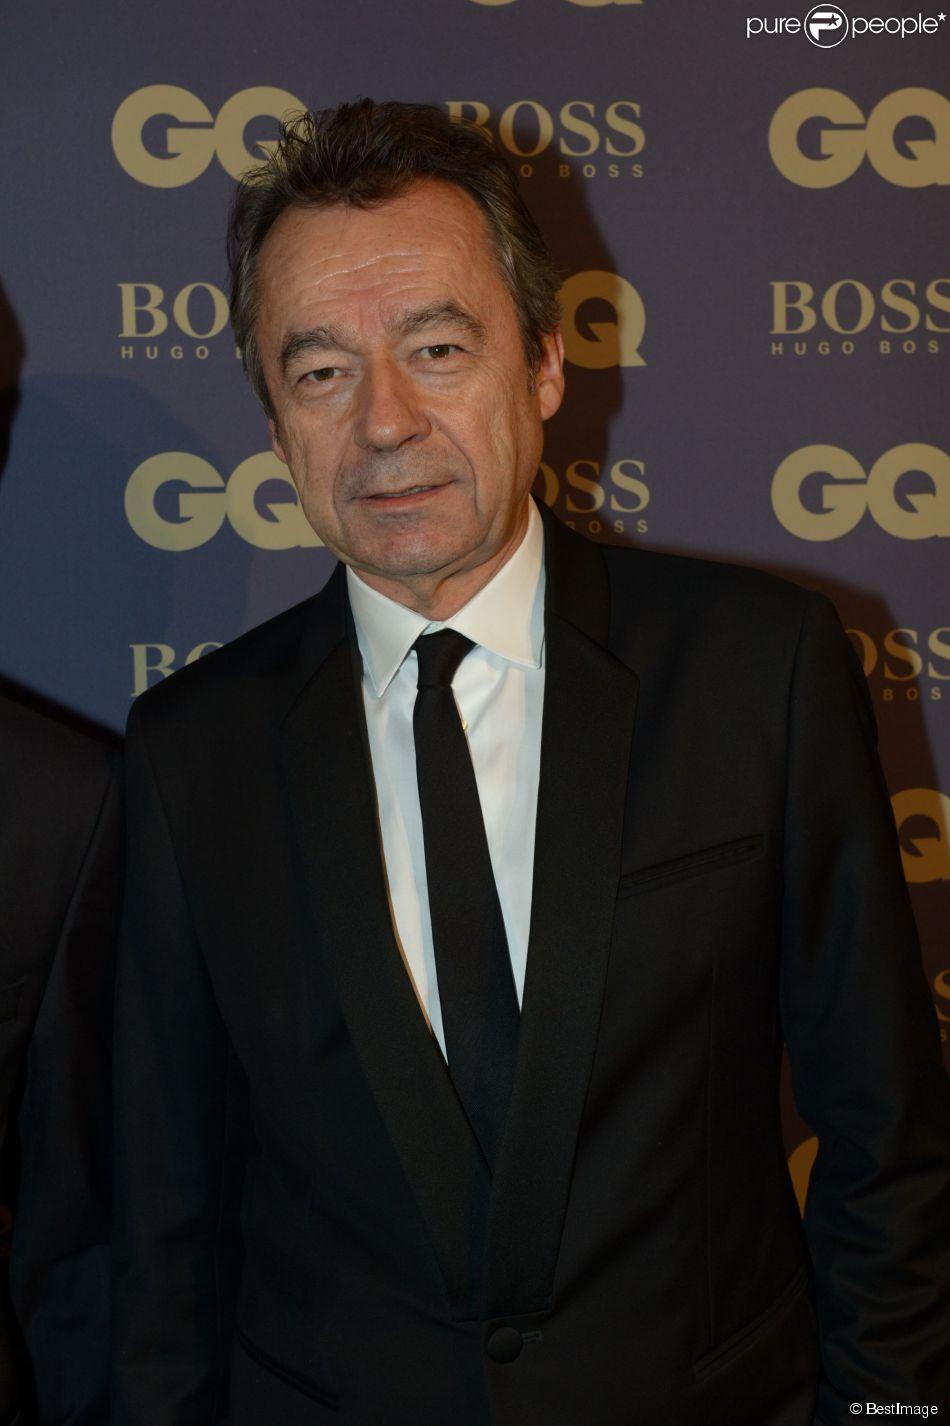 """Archives - Michel Denisot lors de la soirée """"L'homme de l'année GQ 2014"""" au Musée d'Orsay, à Paris le 19 novembre 2014."""